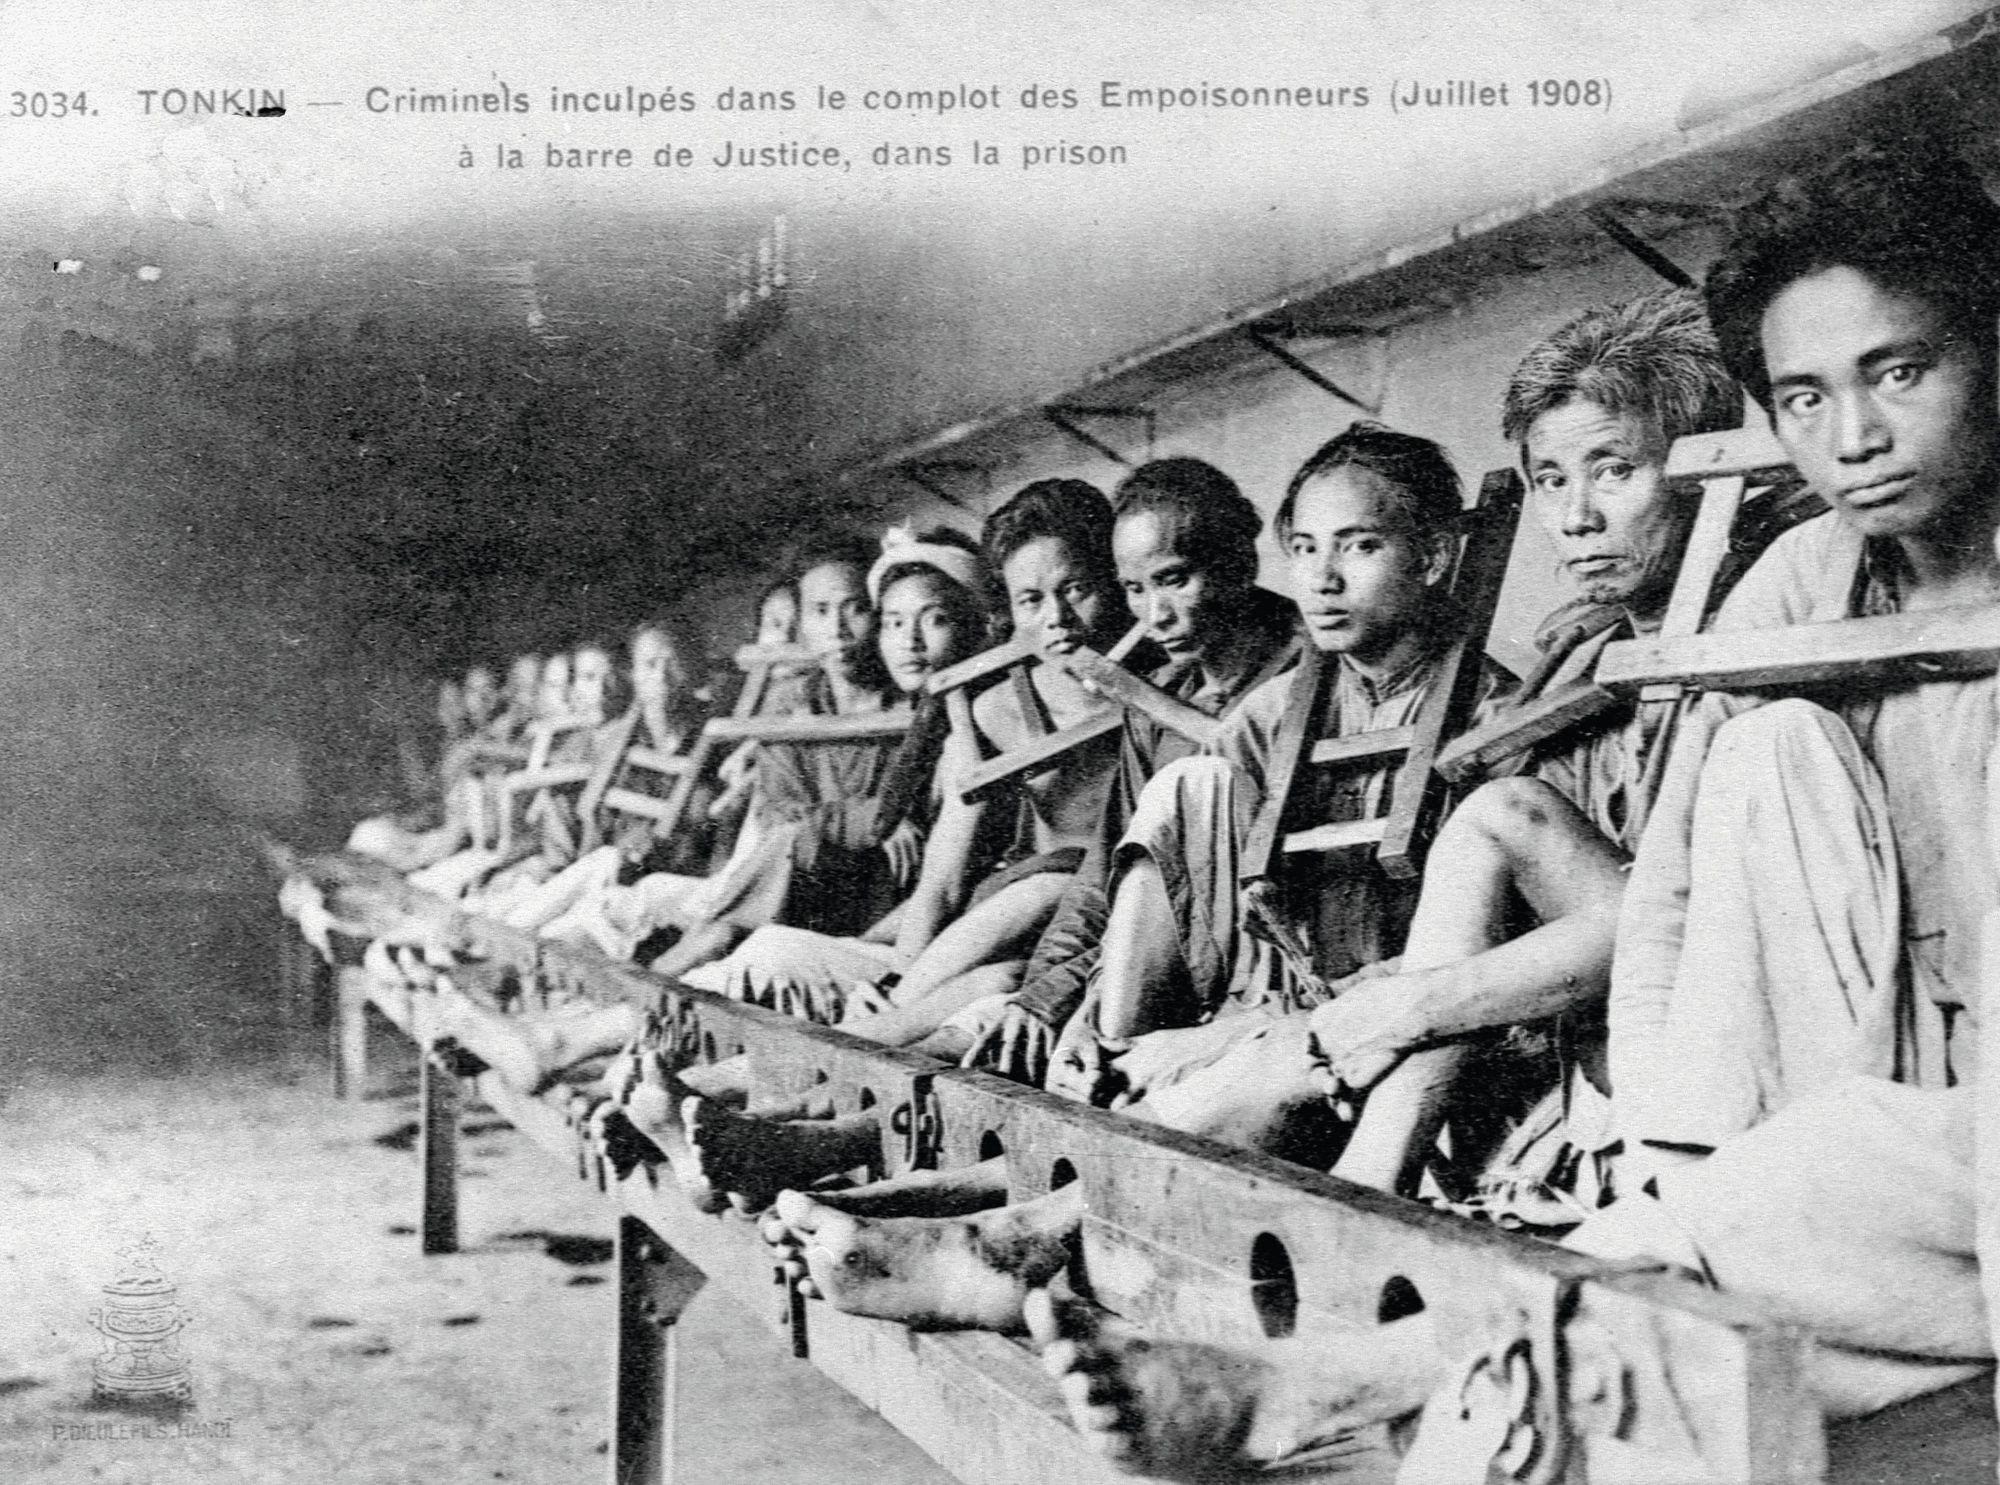 L'affaire des empoisonneurs, Hanoï (1908)